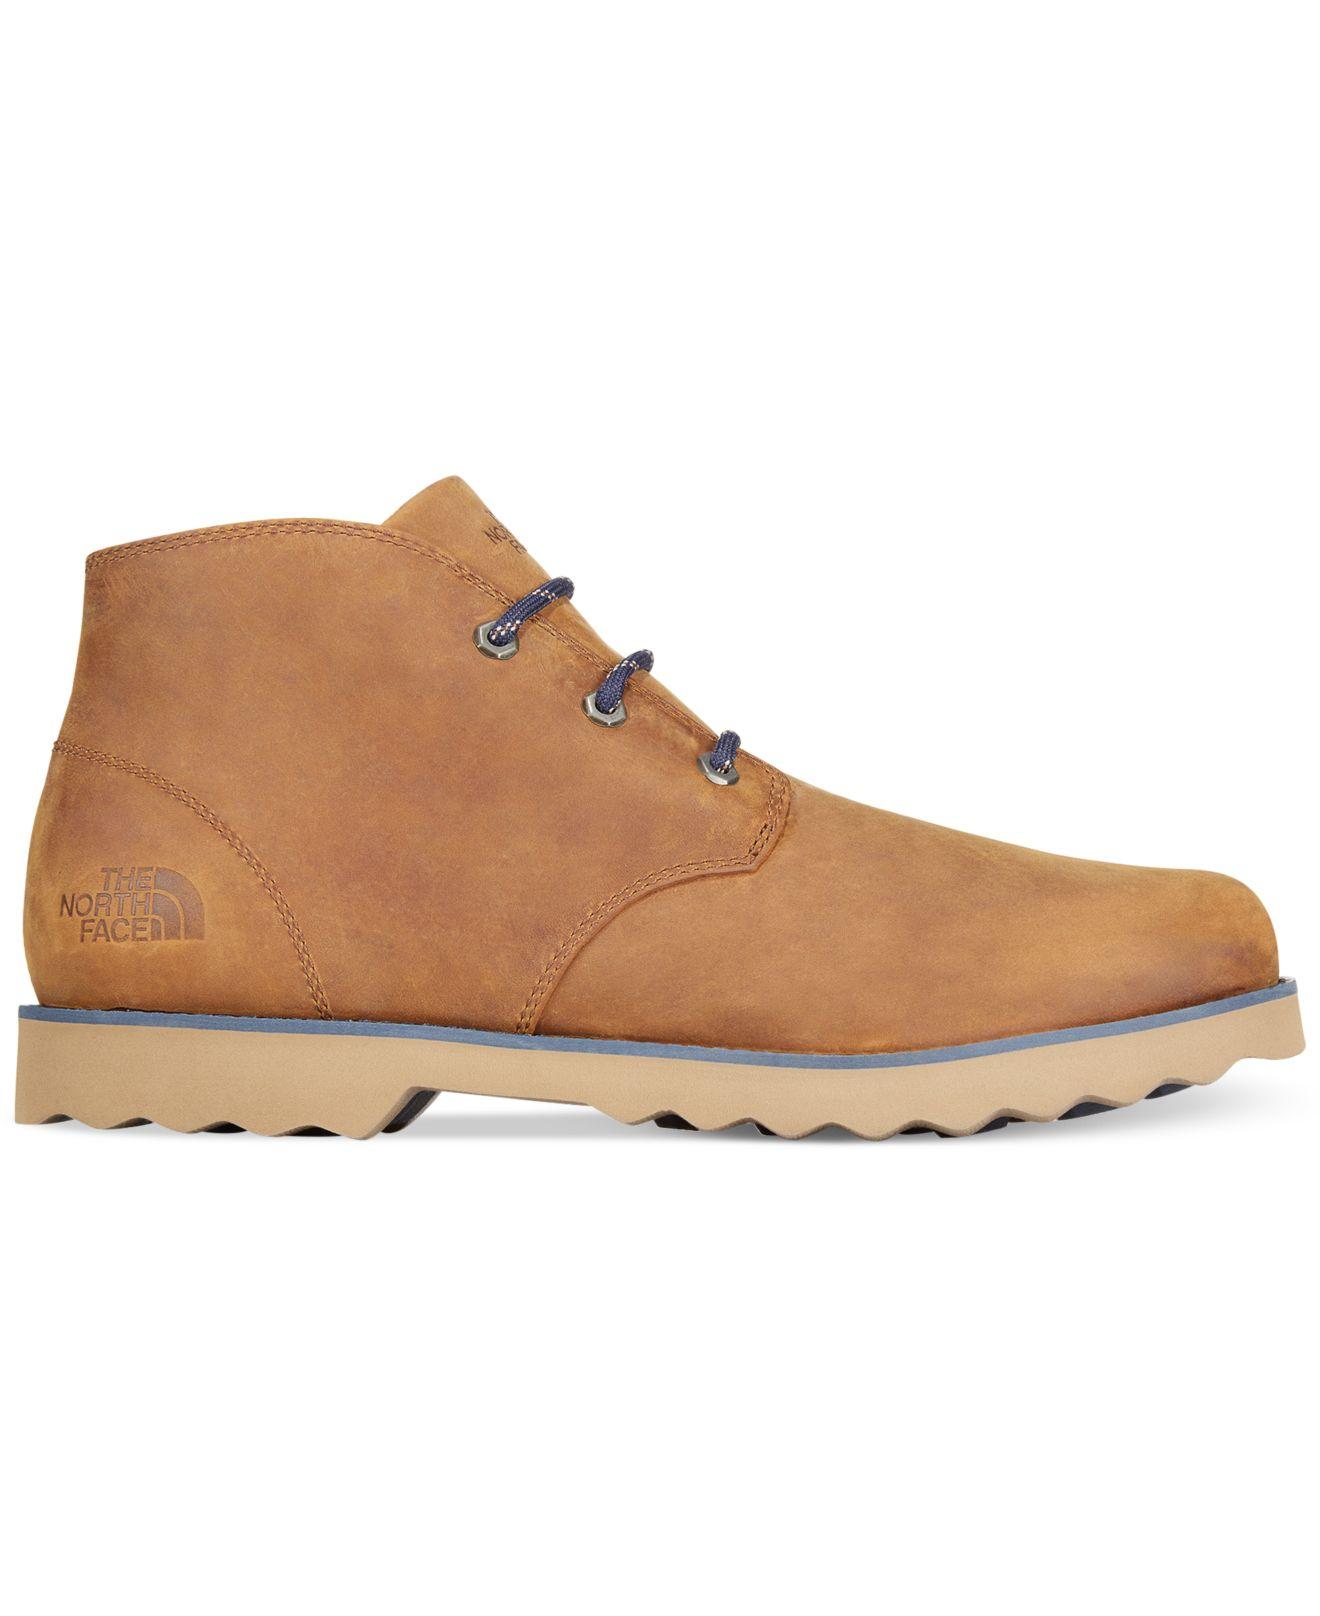 The North Face Ballard Ii Chukka Boots